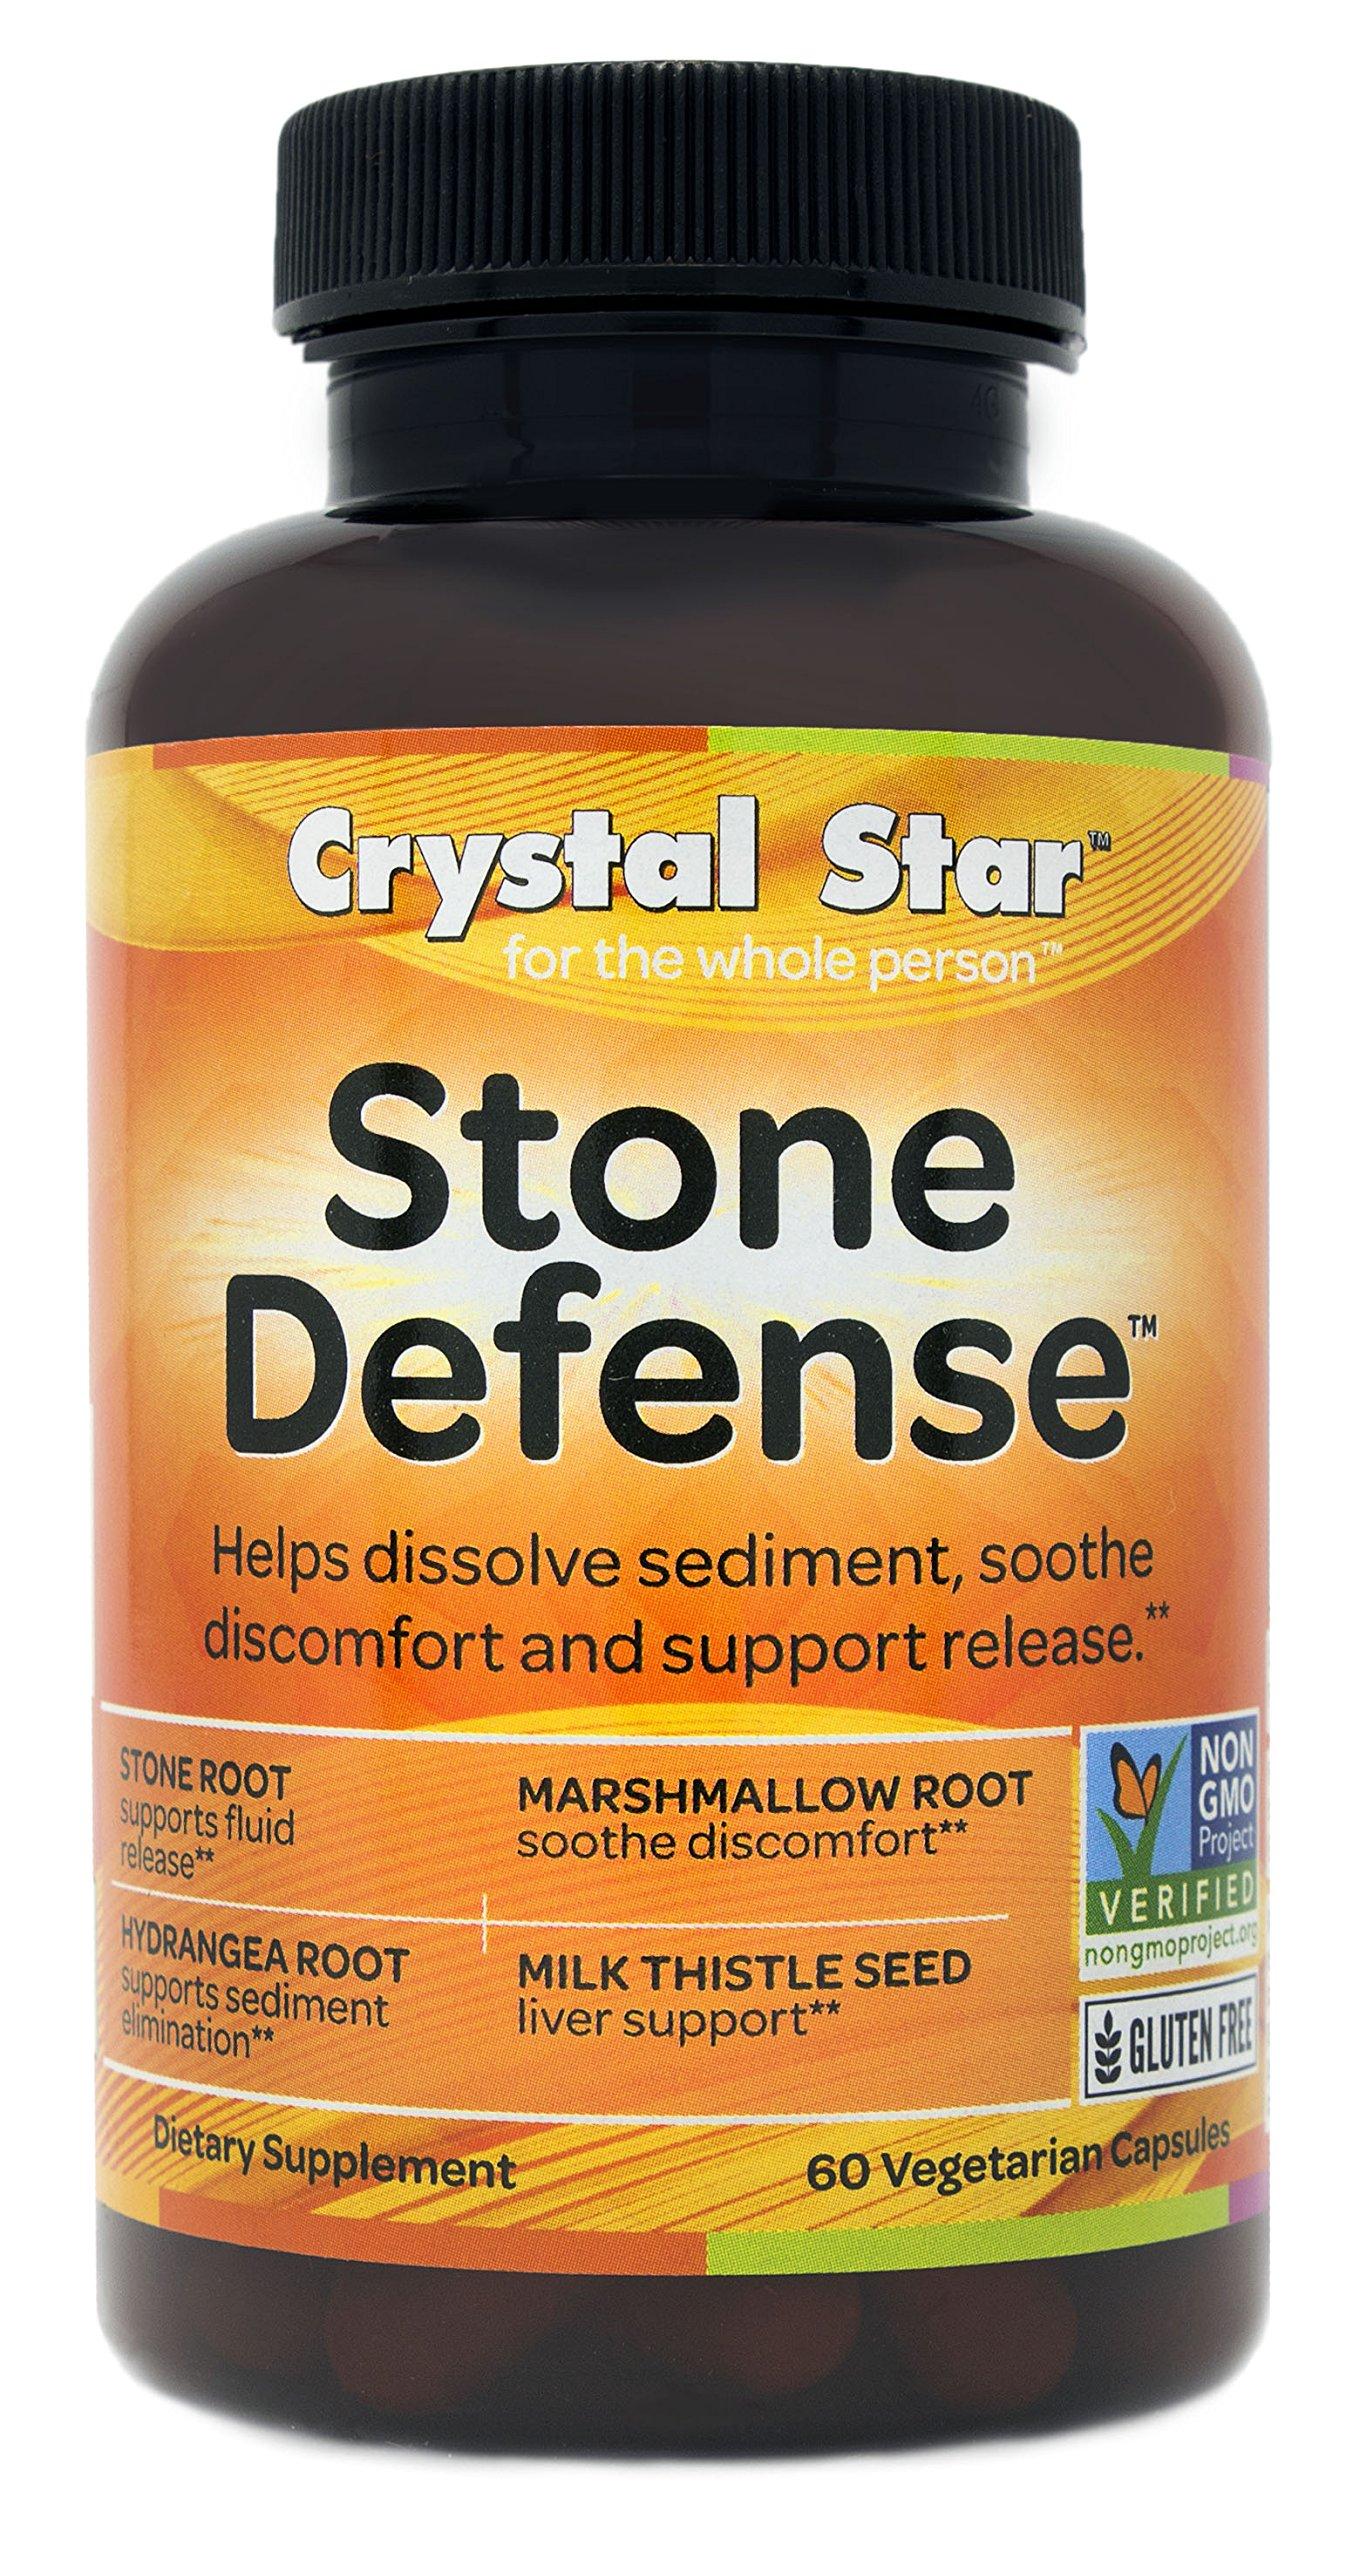 Crystal Star Stone Defense, 60 Vegetarian Capsules